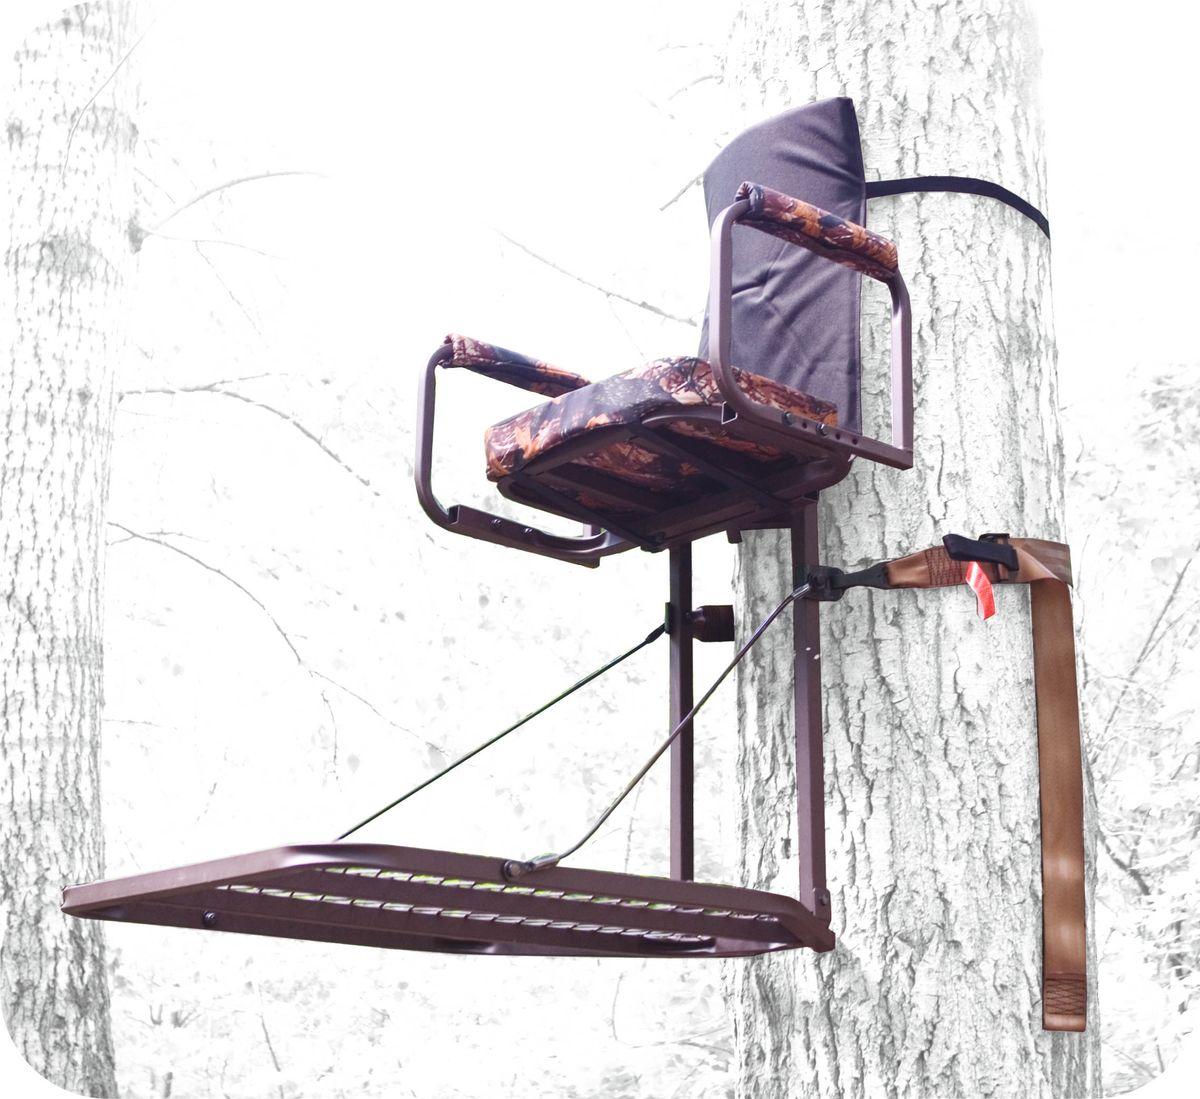 Засидка на дерево Canadian Camper CC-TS501, складная цена